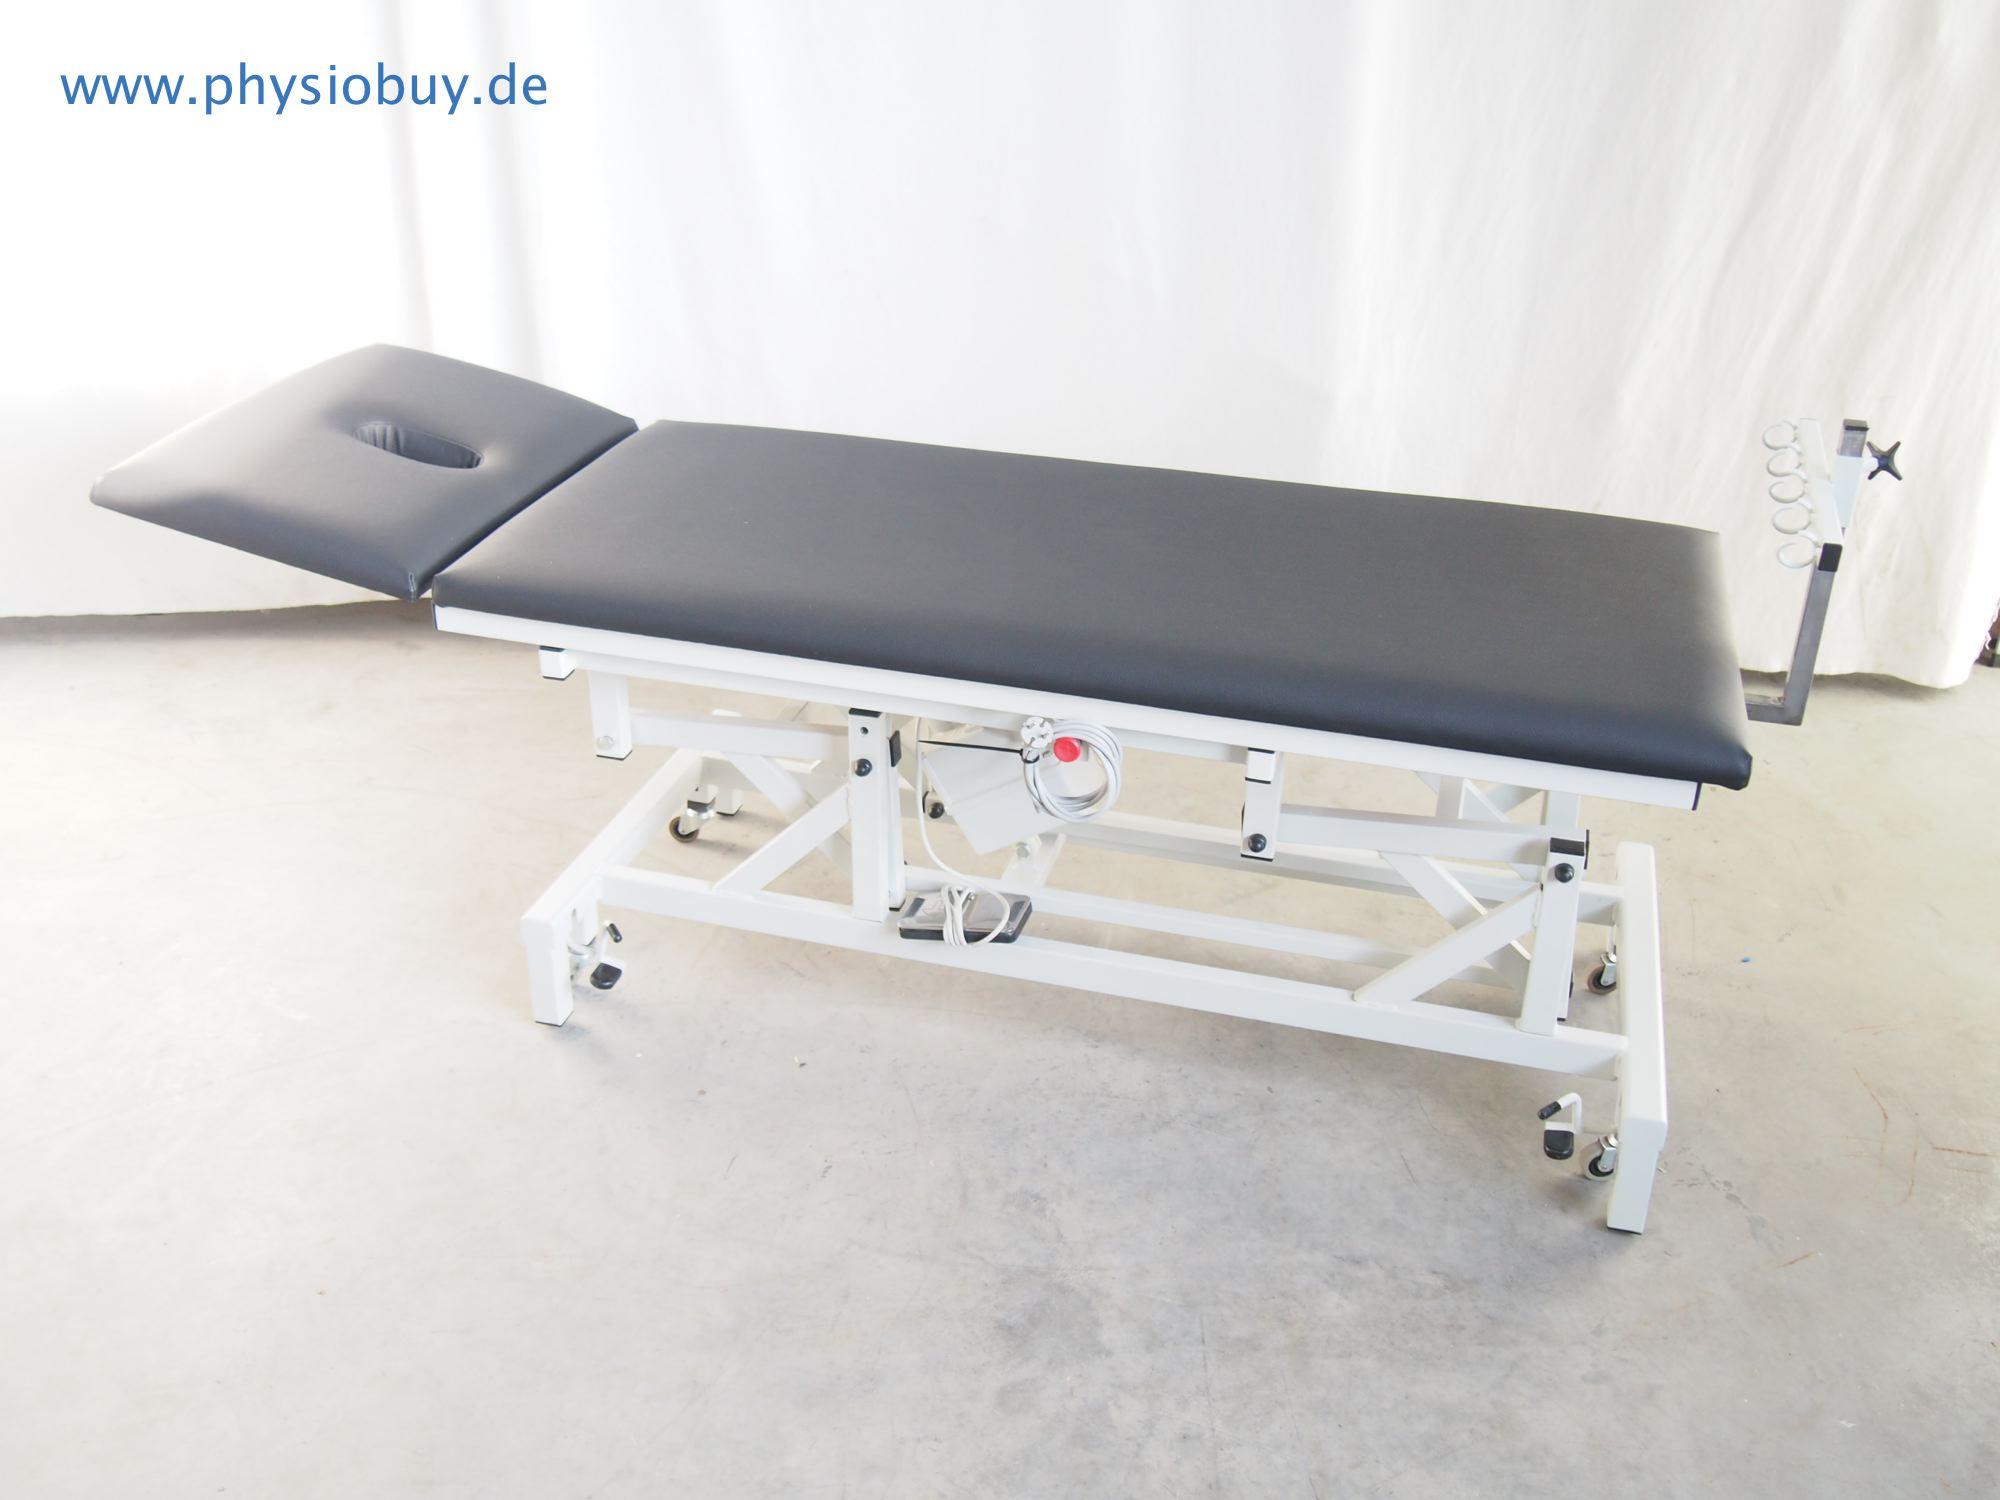 gebrauchtger te behandlungsliegen praxisausstattung therapieliegen behandlungsliegen und. Black Bedroom Furniture Sets. Home Design Ideas